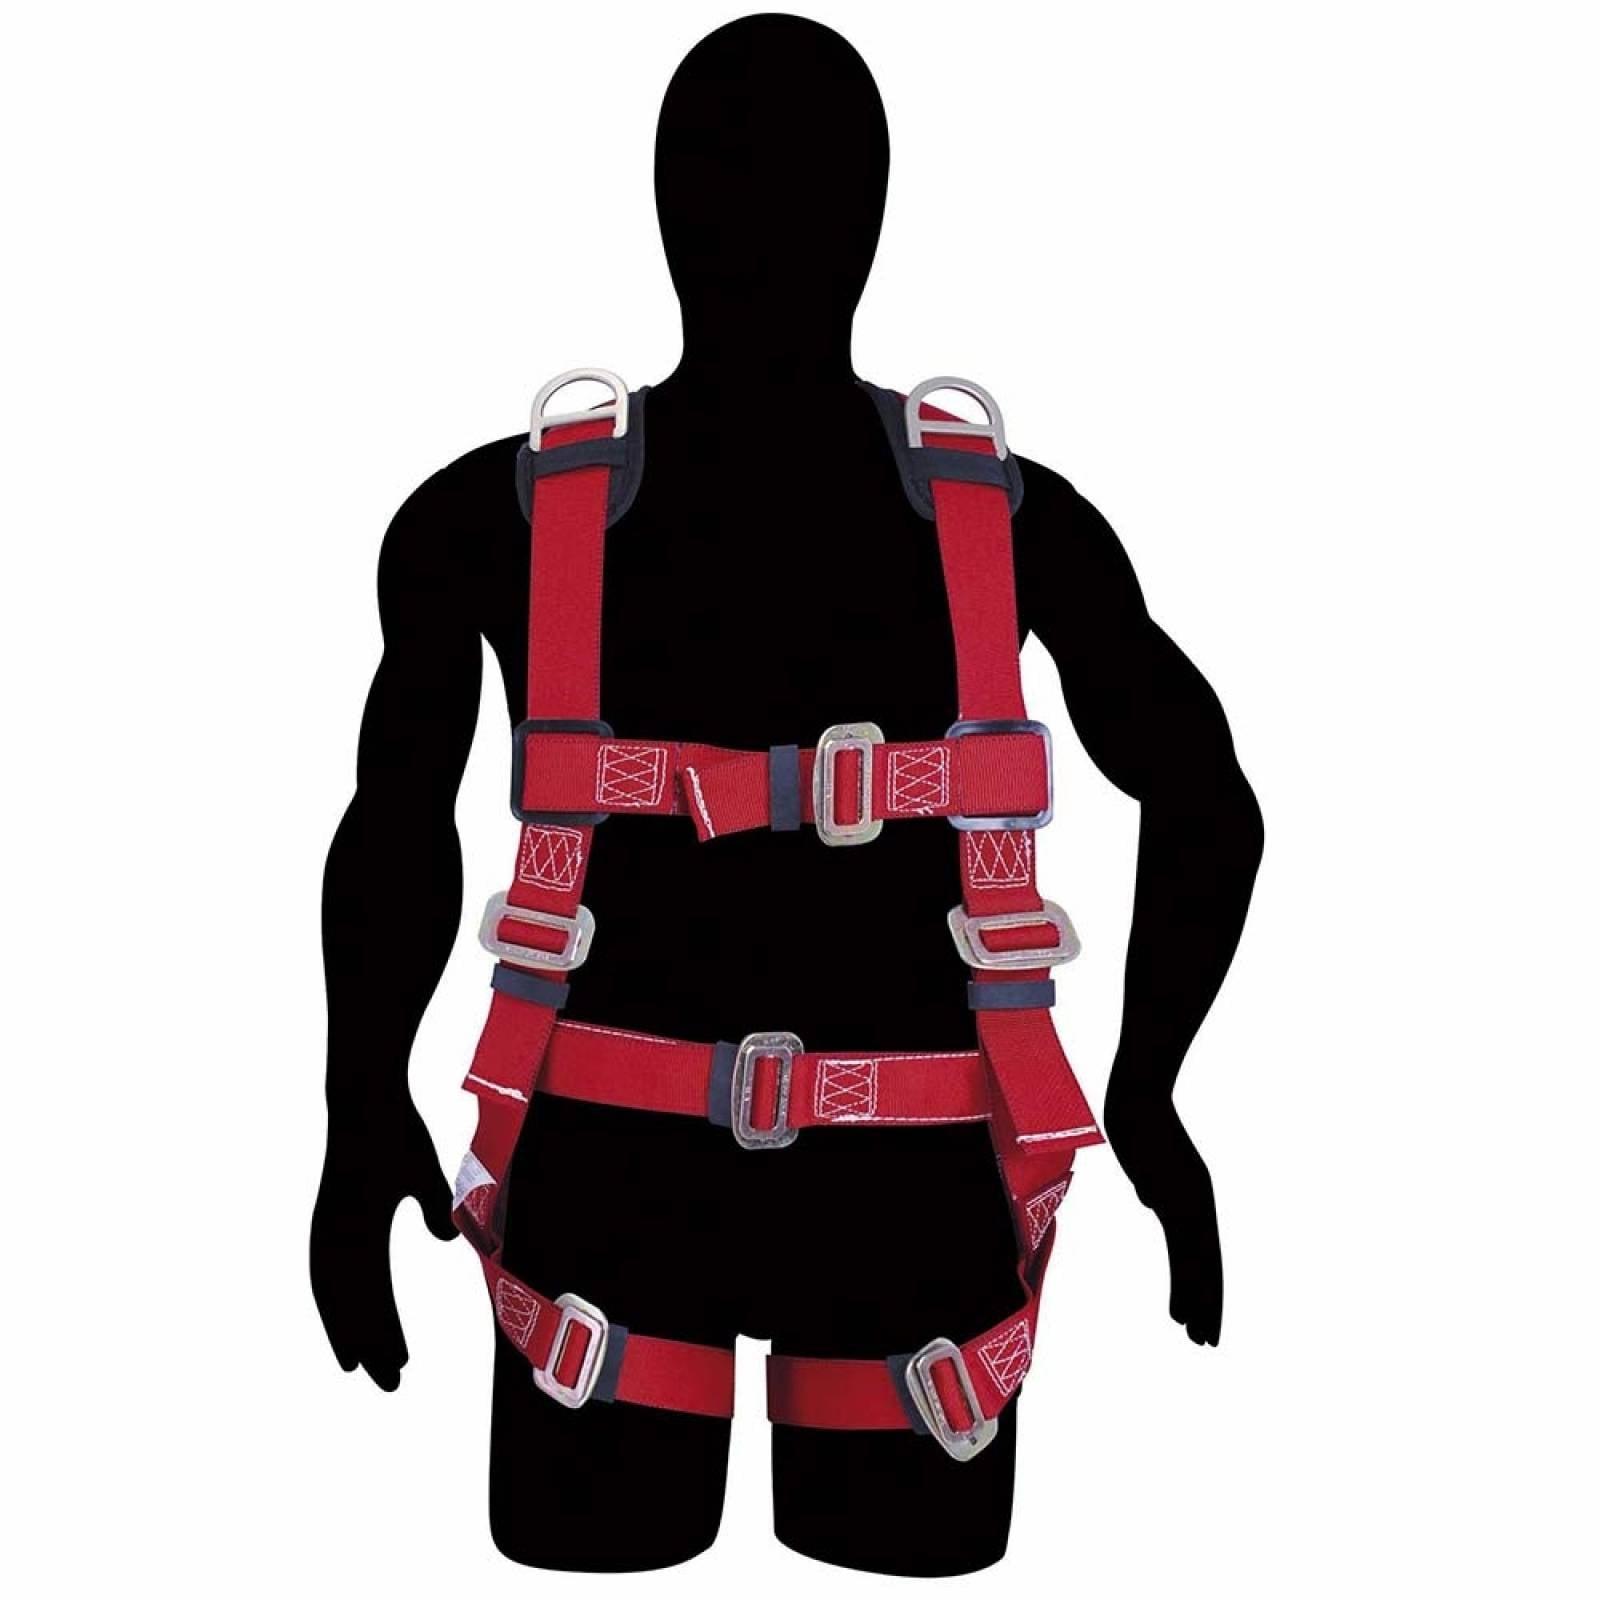 Arnés de rescate con cinturón talla 36-40  USA8A Urrea